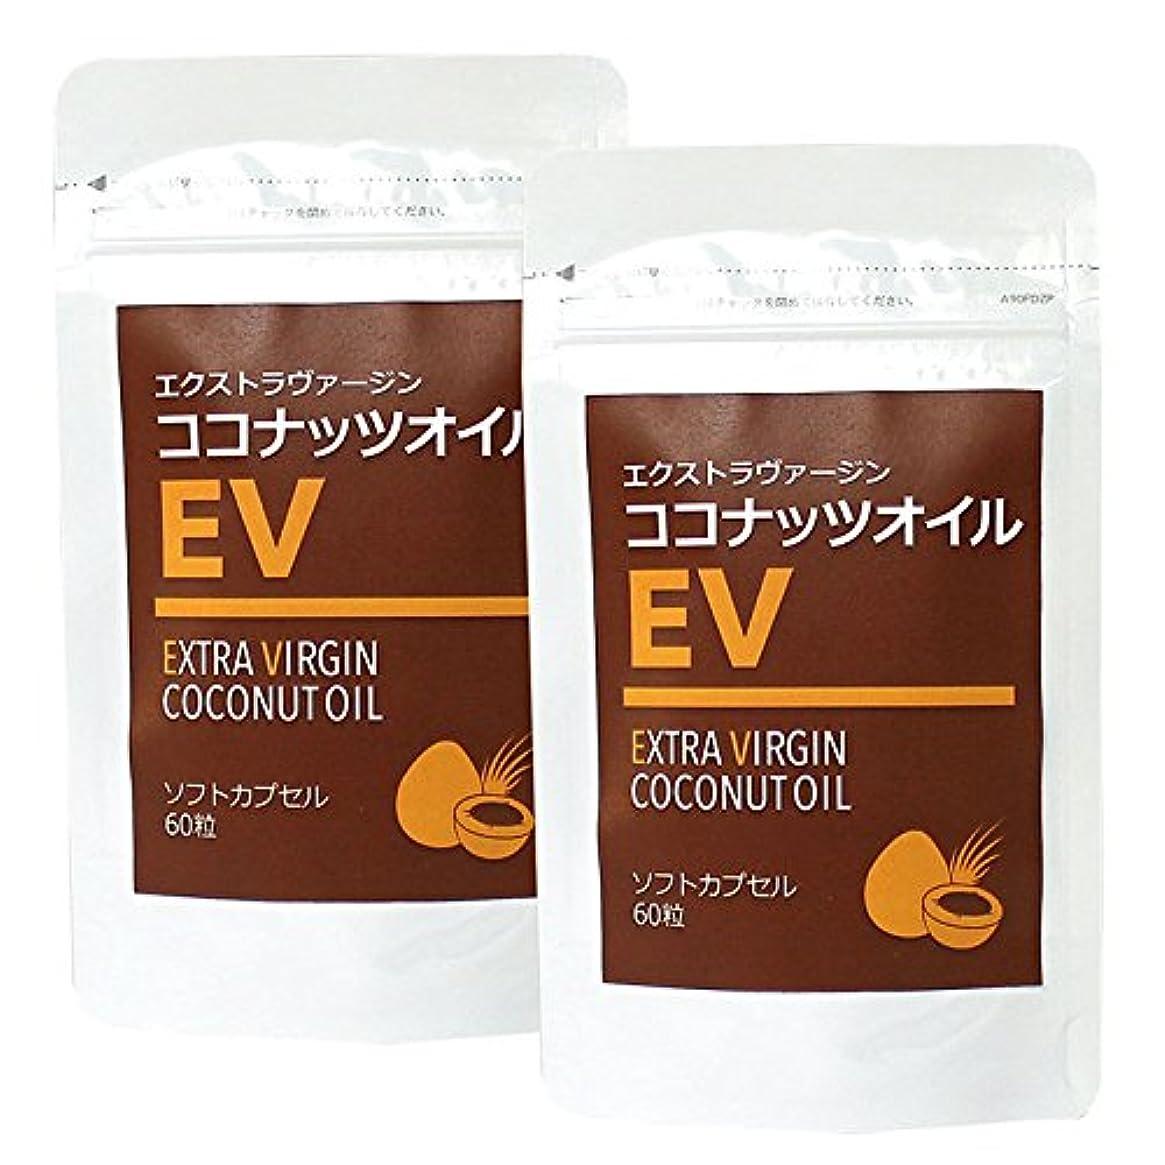 ラバひばり今ココナッツオイルEV 2袋セット